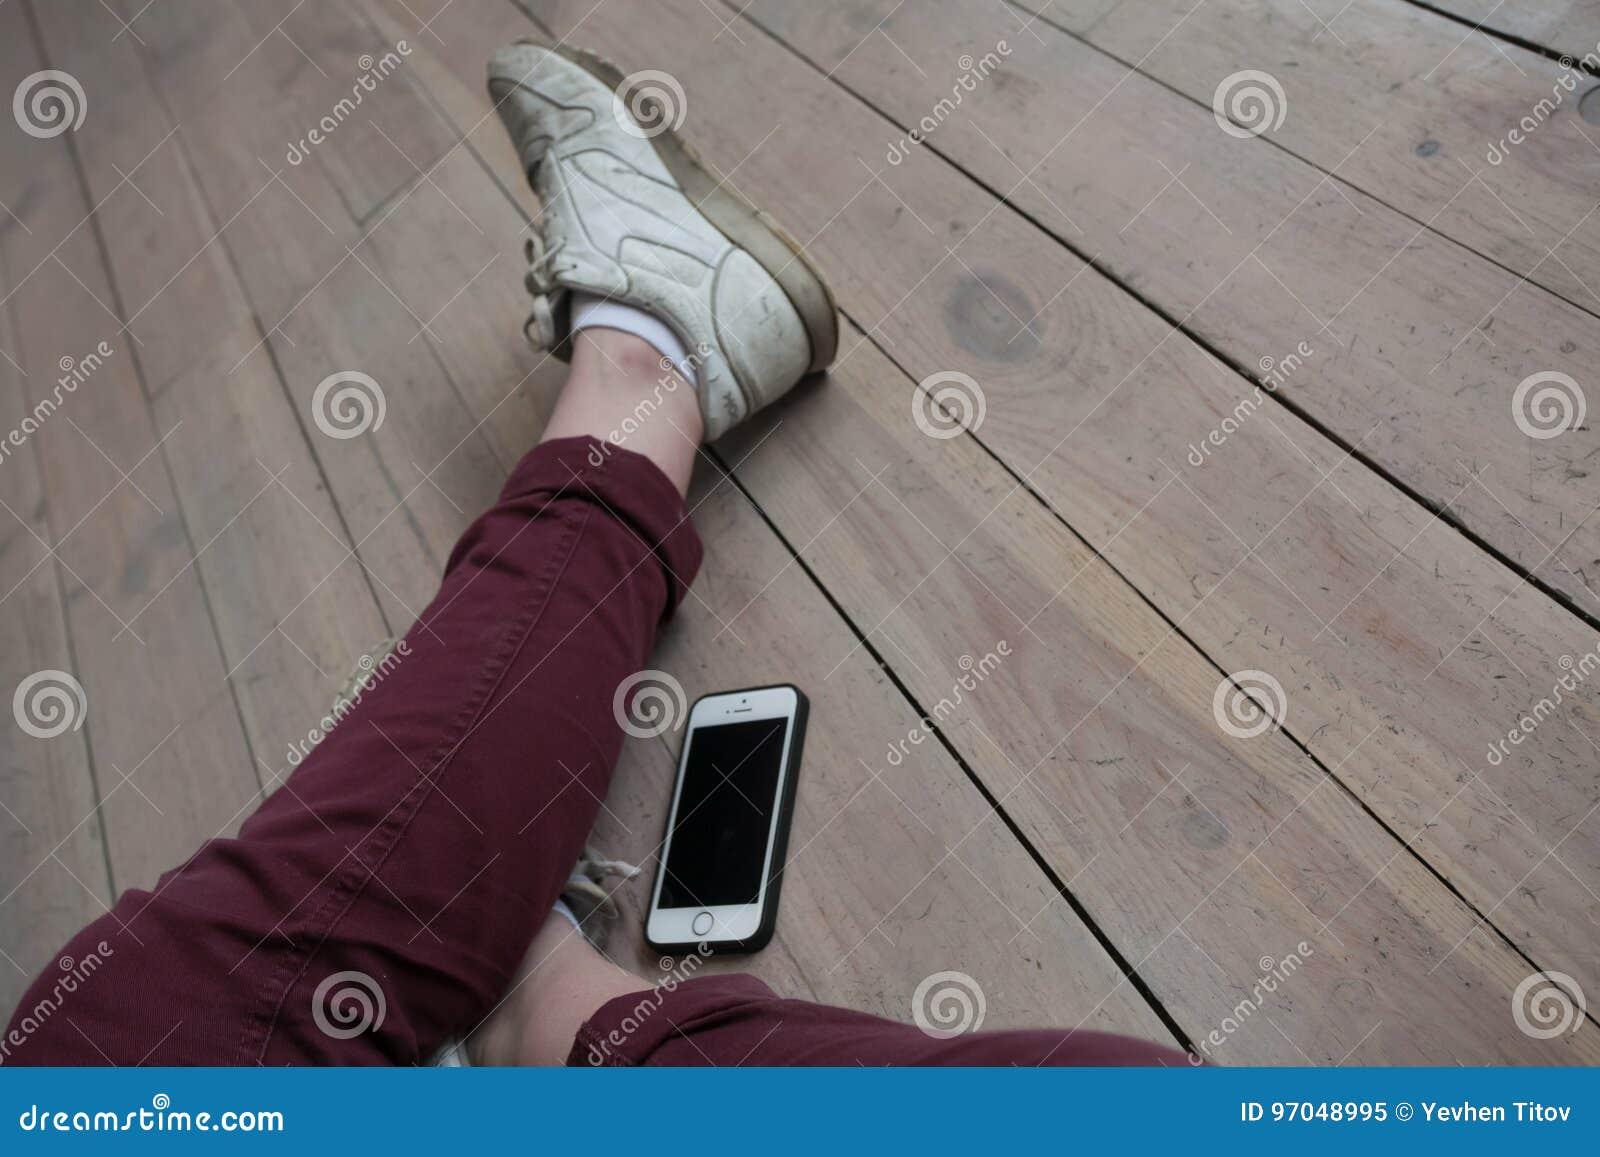 танцоры foots, ноги, на поле